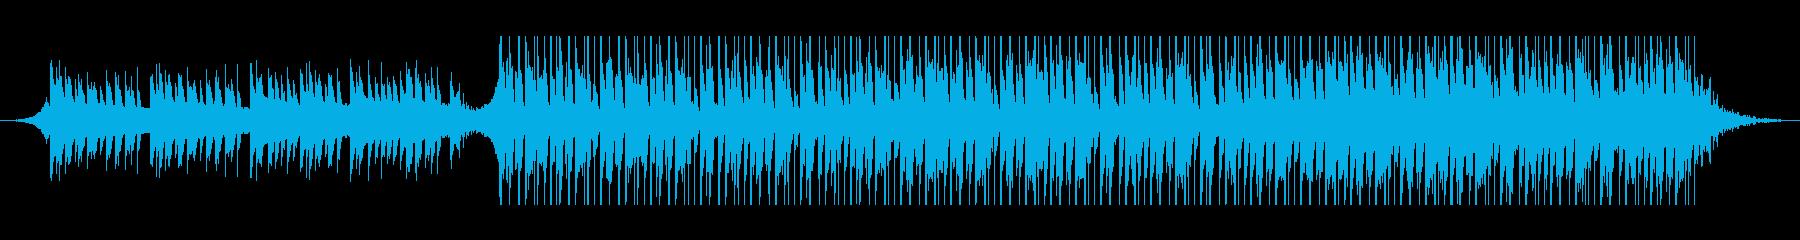 アラビア語(90秒)の再生済みの波形